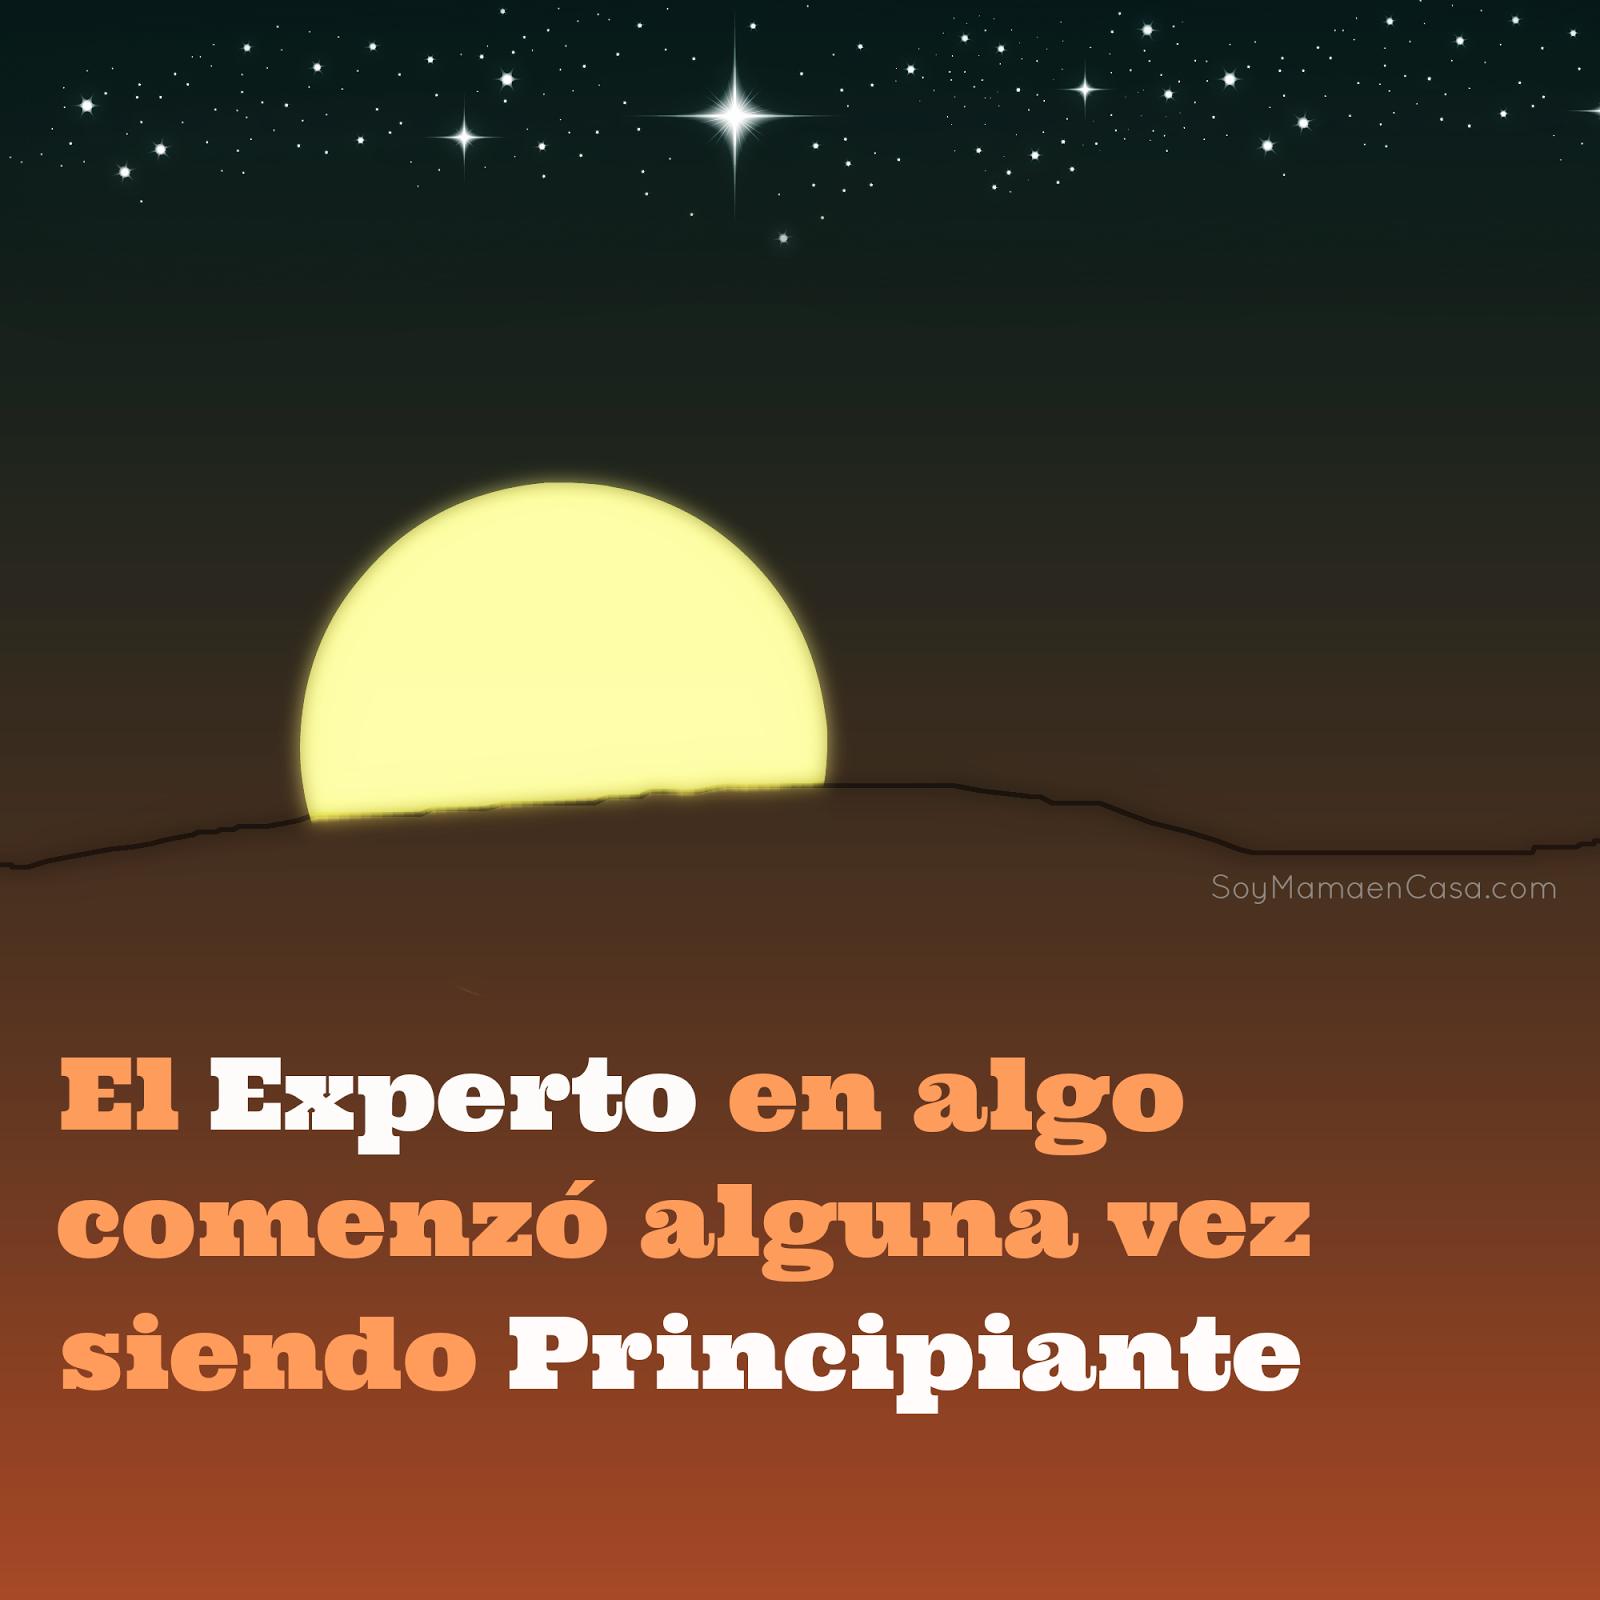 reflexiones, pensamientos positivos, luna, cielo